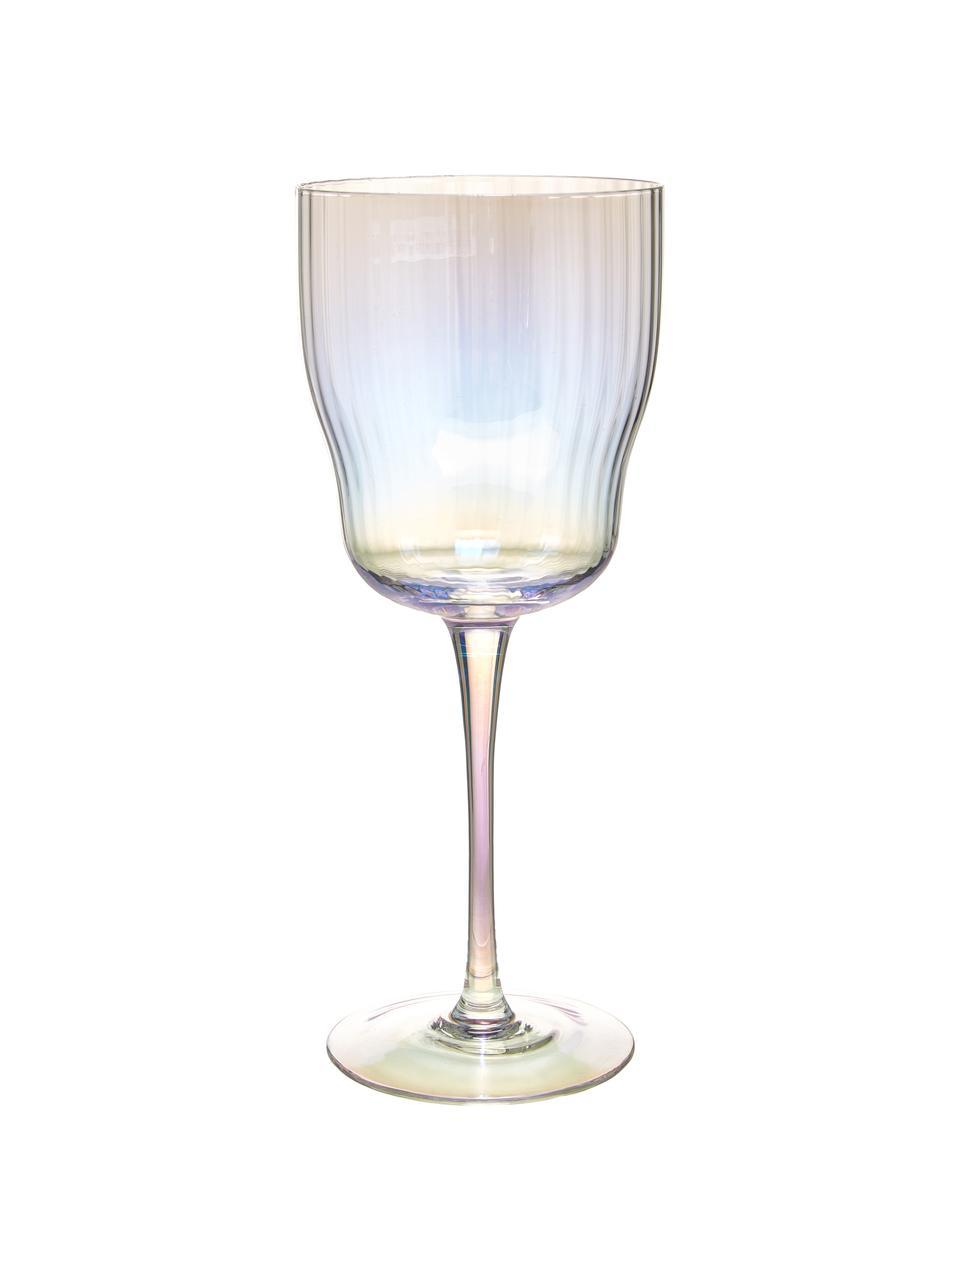 Kieliszek do wina ze szkła dmuchanego Prince, 4 szt., Szkło, Transparentny, Ø 9 x W 21 cm